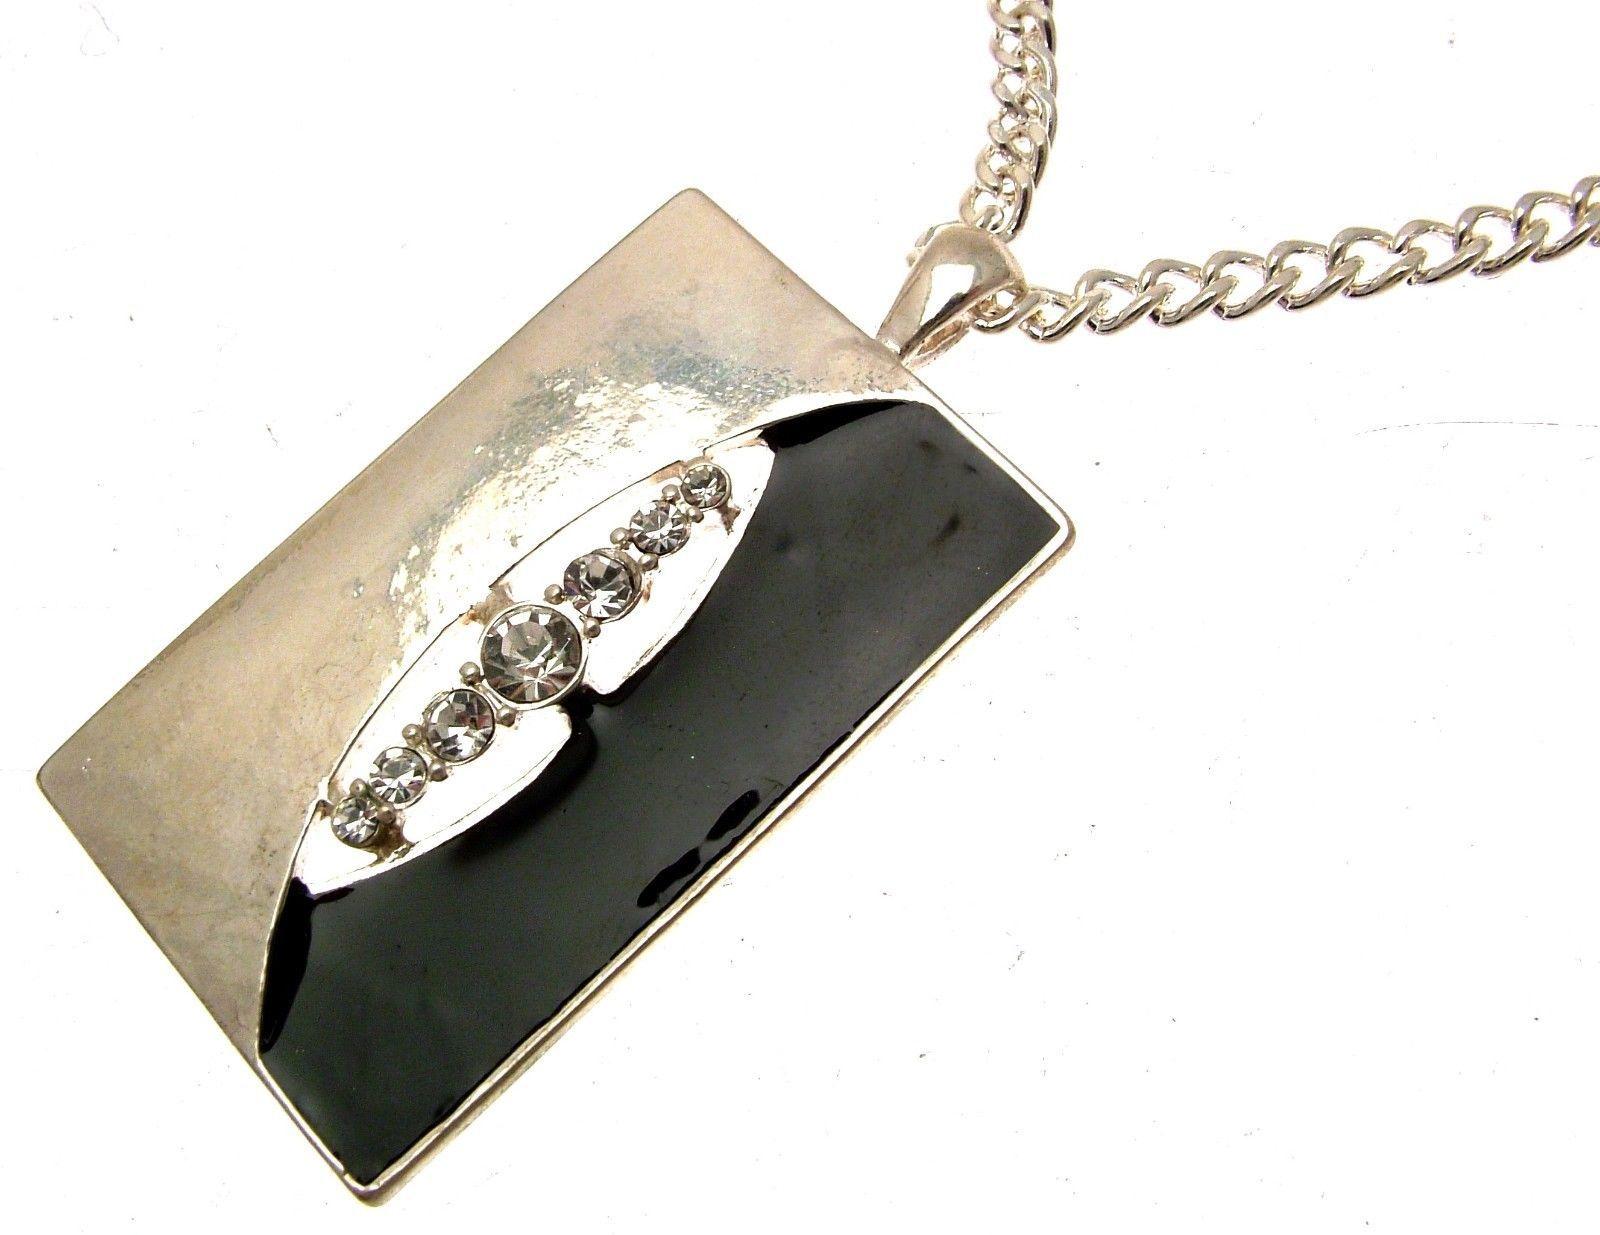 Statement Necklaces Pendant Necklaces Design 11156